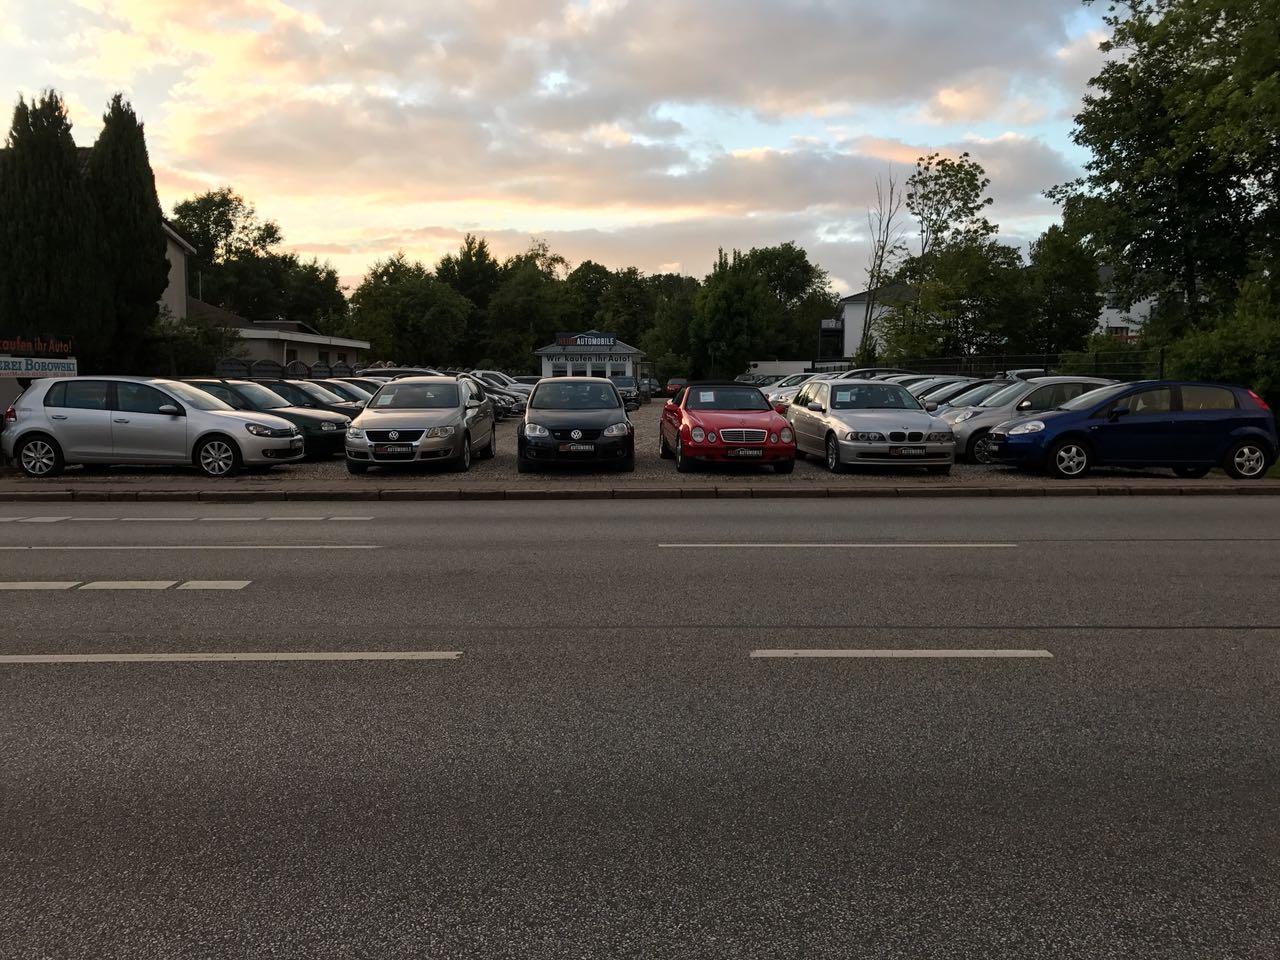 Heide Automobile - Probefahrt möglich